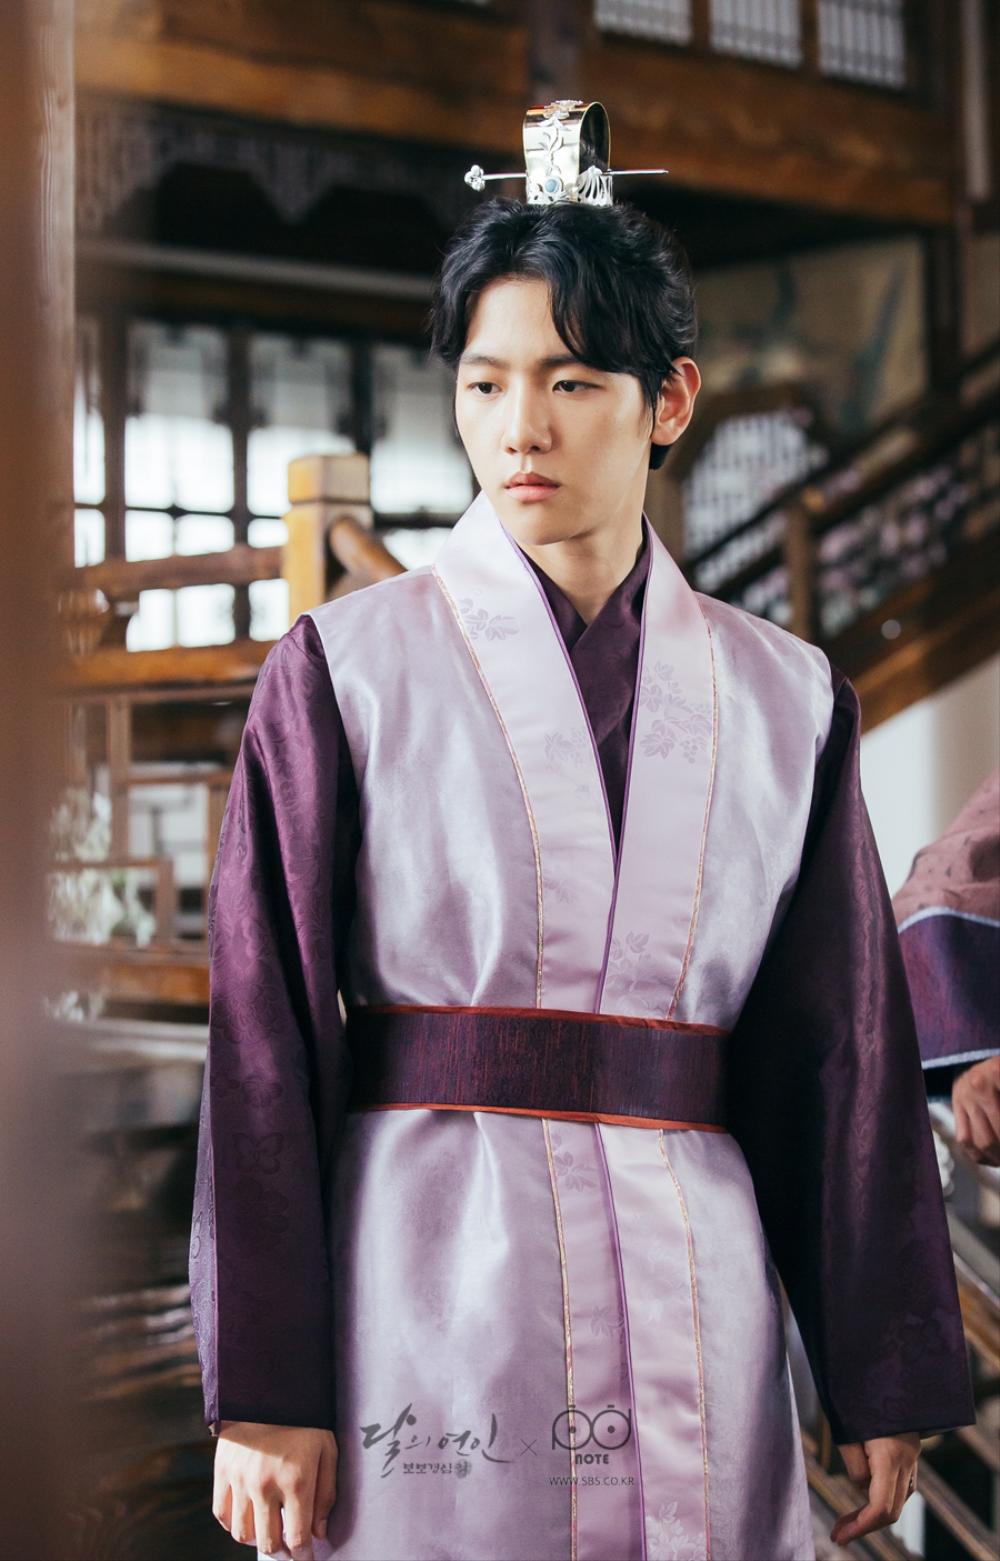 핑크색 한복을 입고 질투를 하고 있는 모습의 왕은 이미지